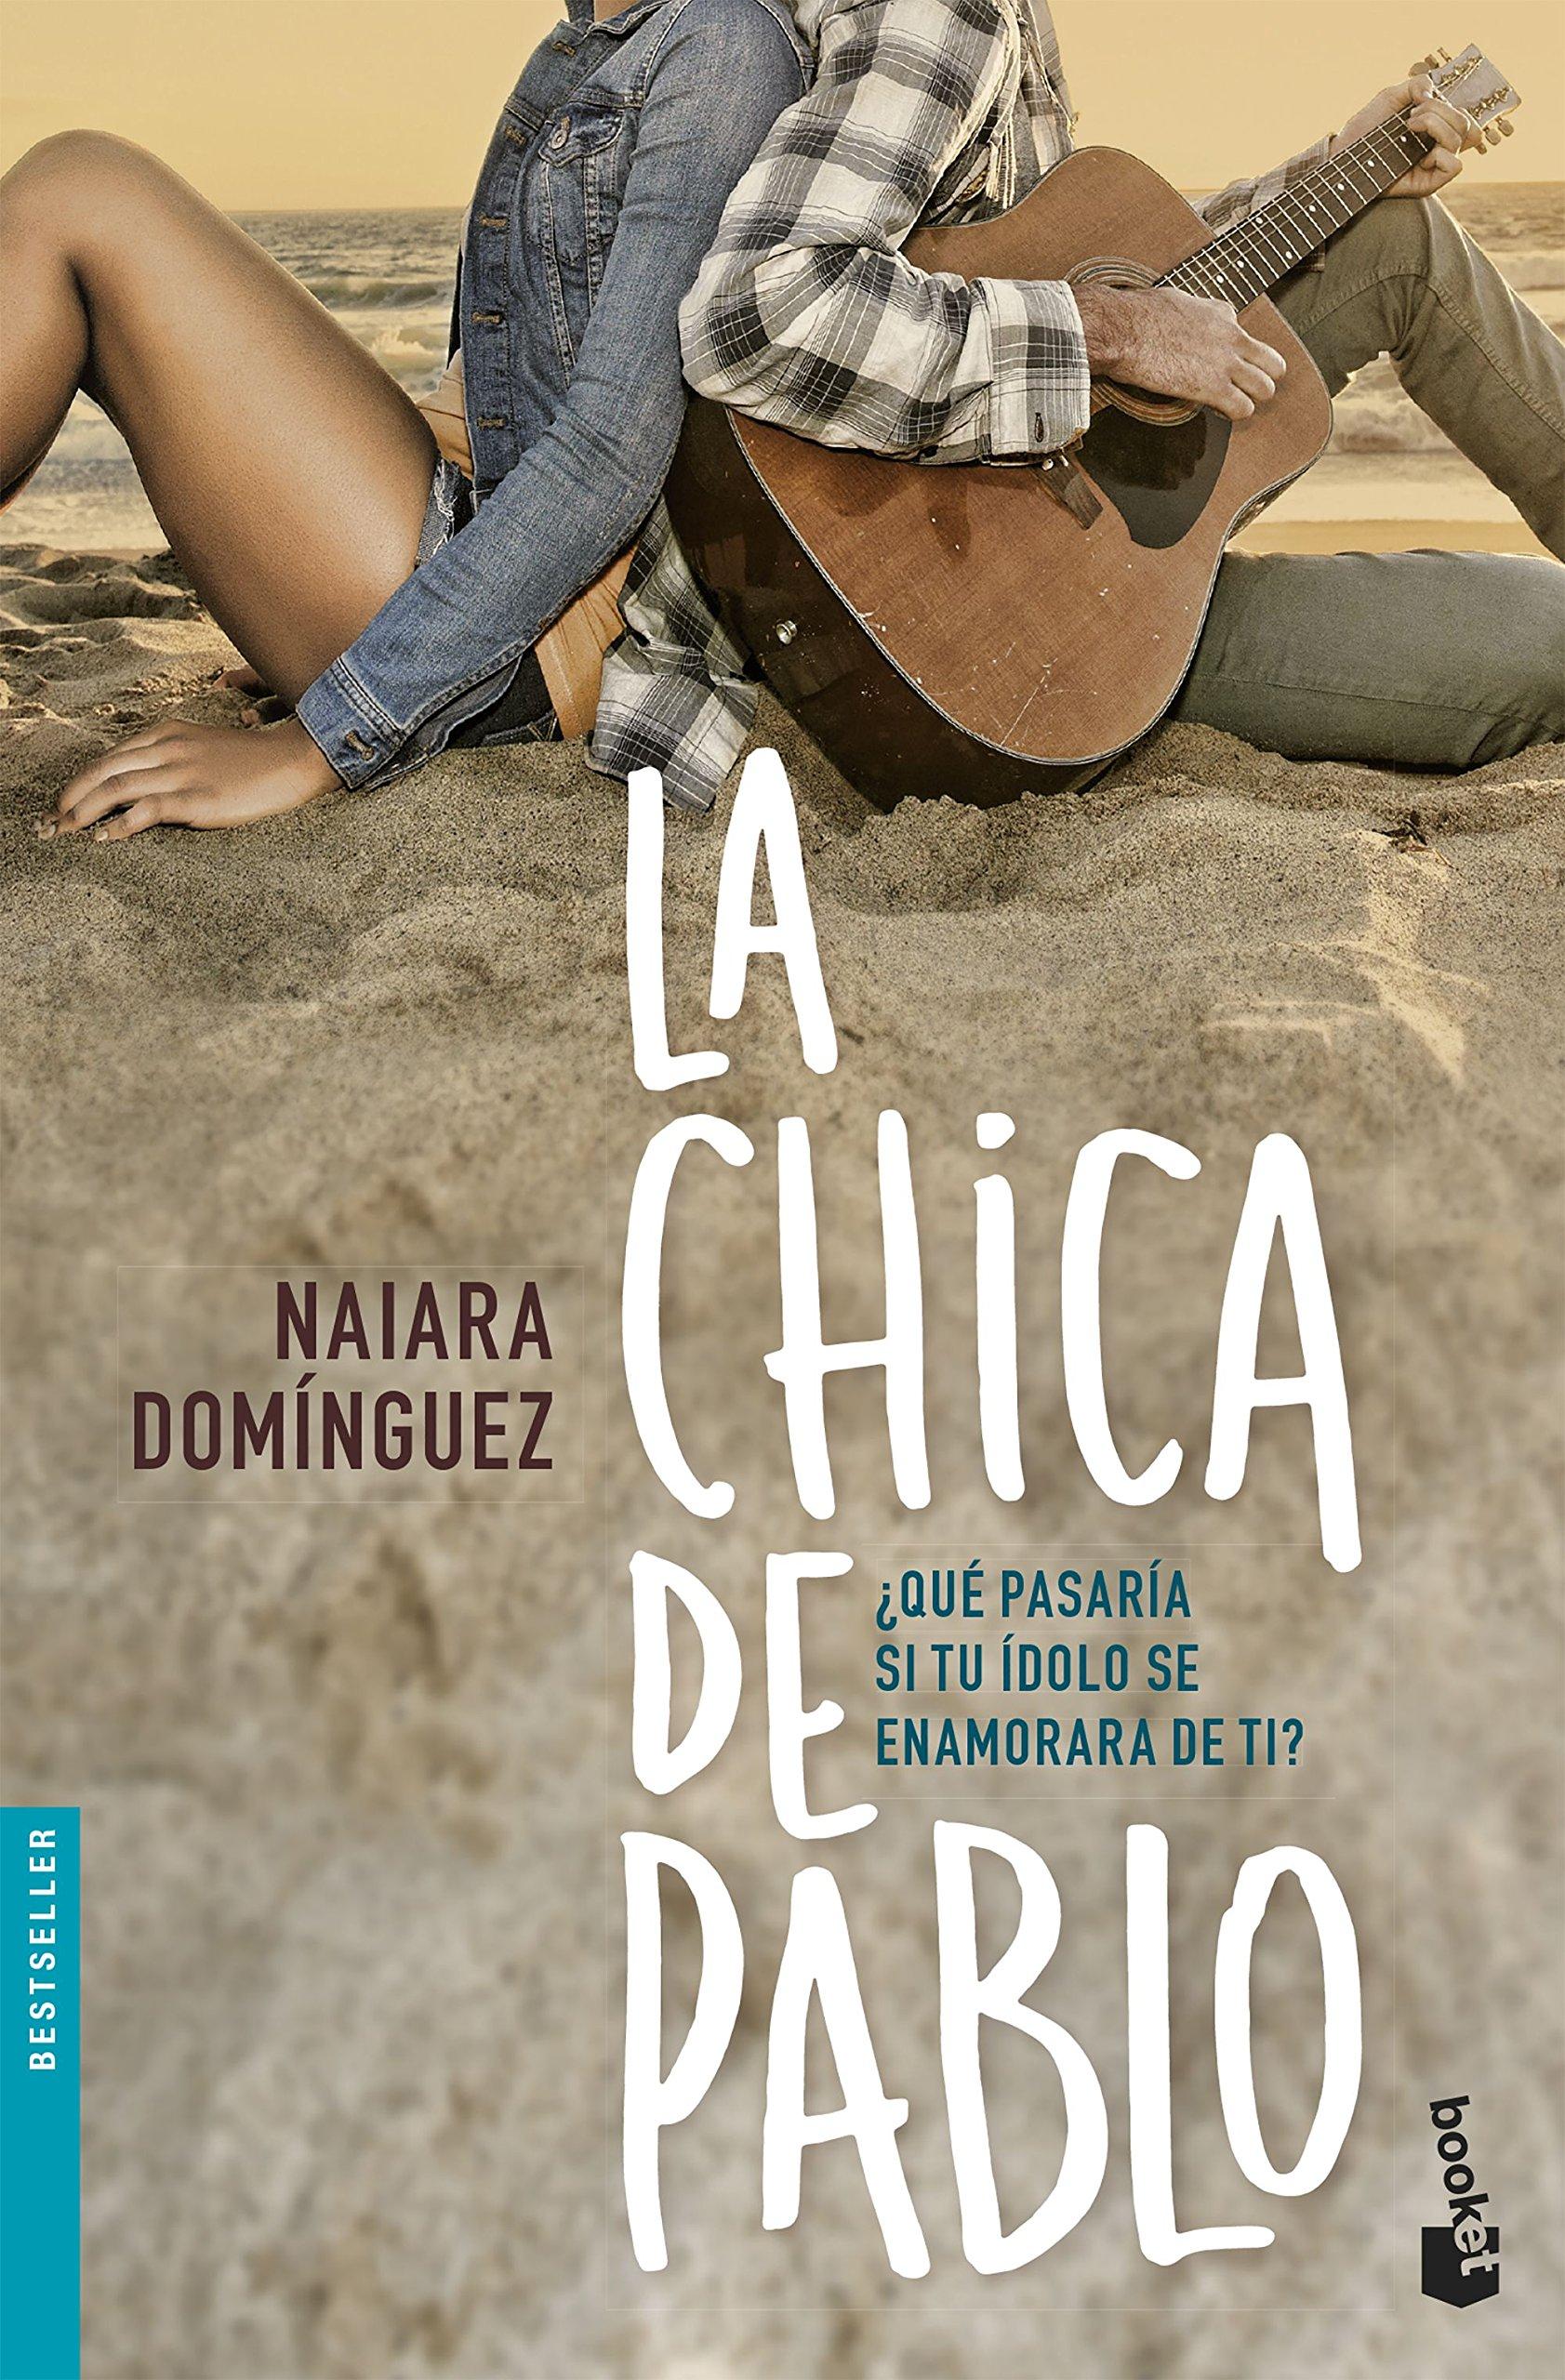 la-chica-de-pablo-bestseller-internacional